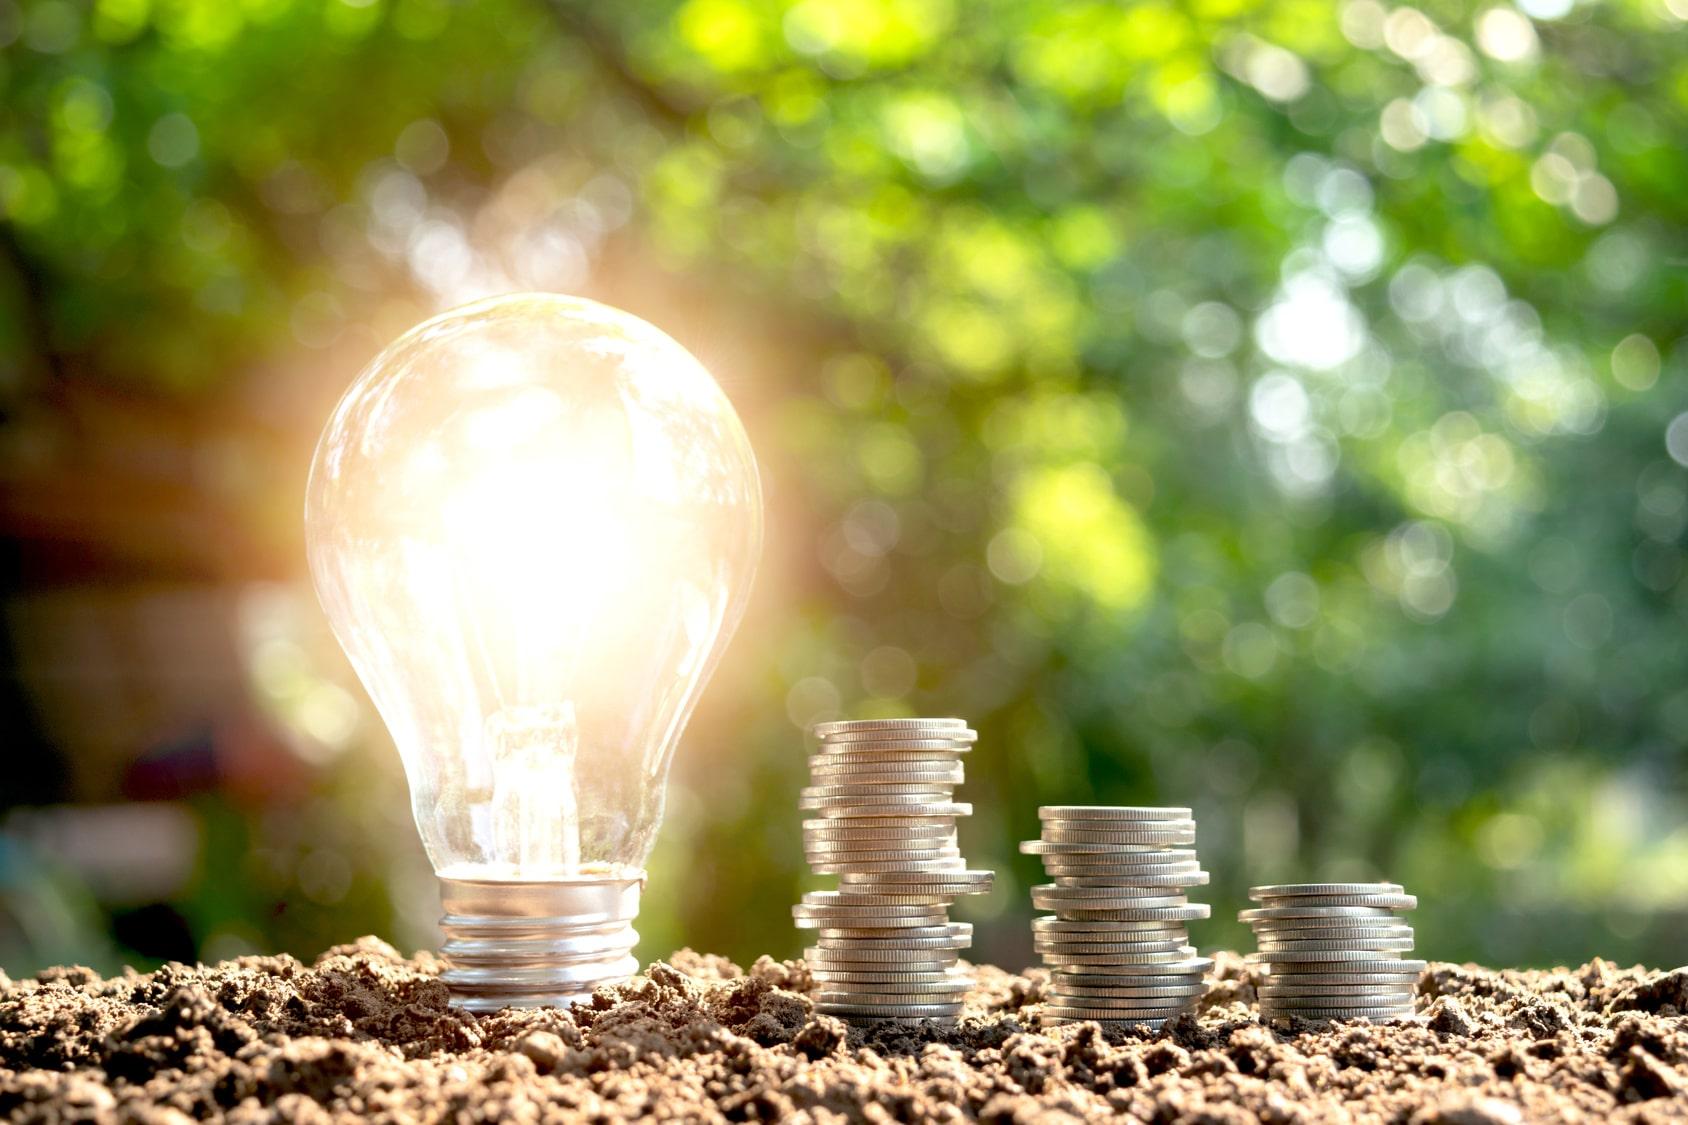 Oszczędzanie pieniędzy na energii